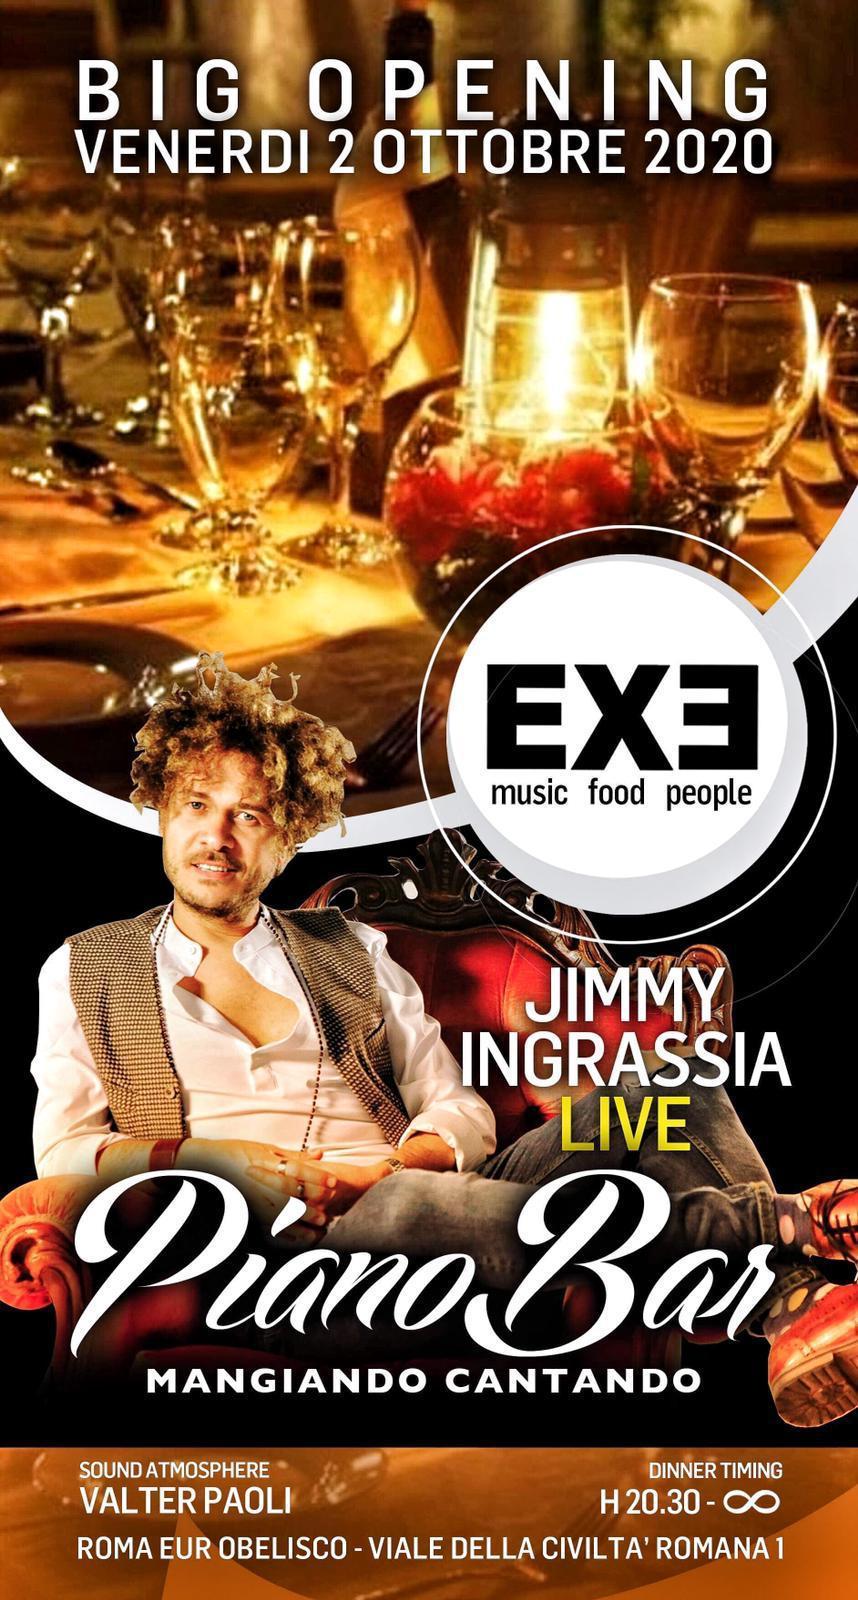 EXE Roma Eur Sabato 2 ottobre 2020 Cena Piano Bar